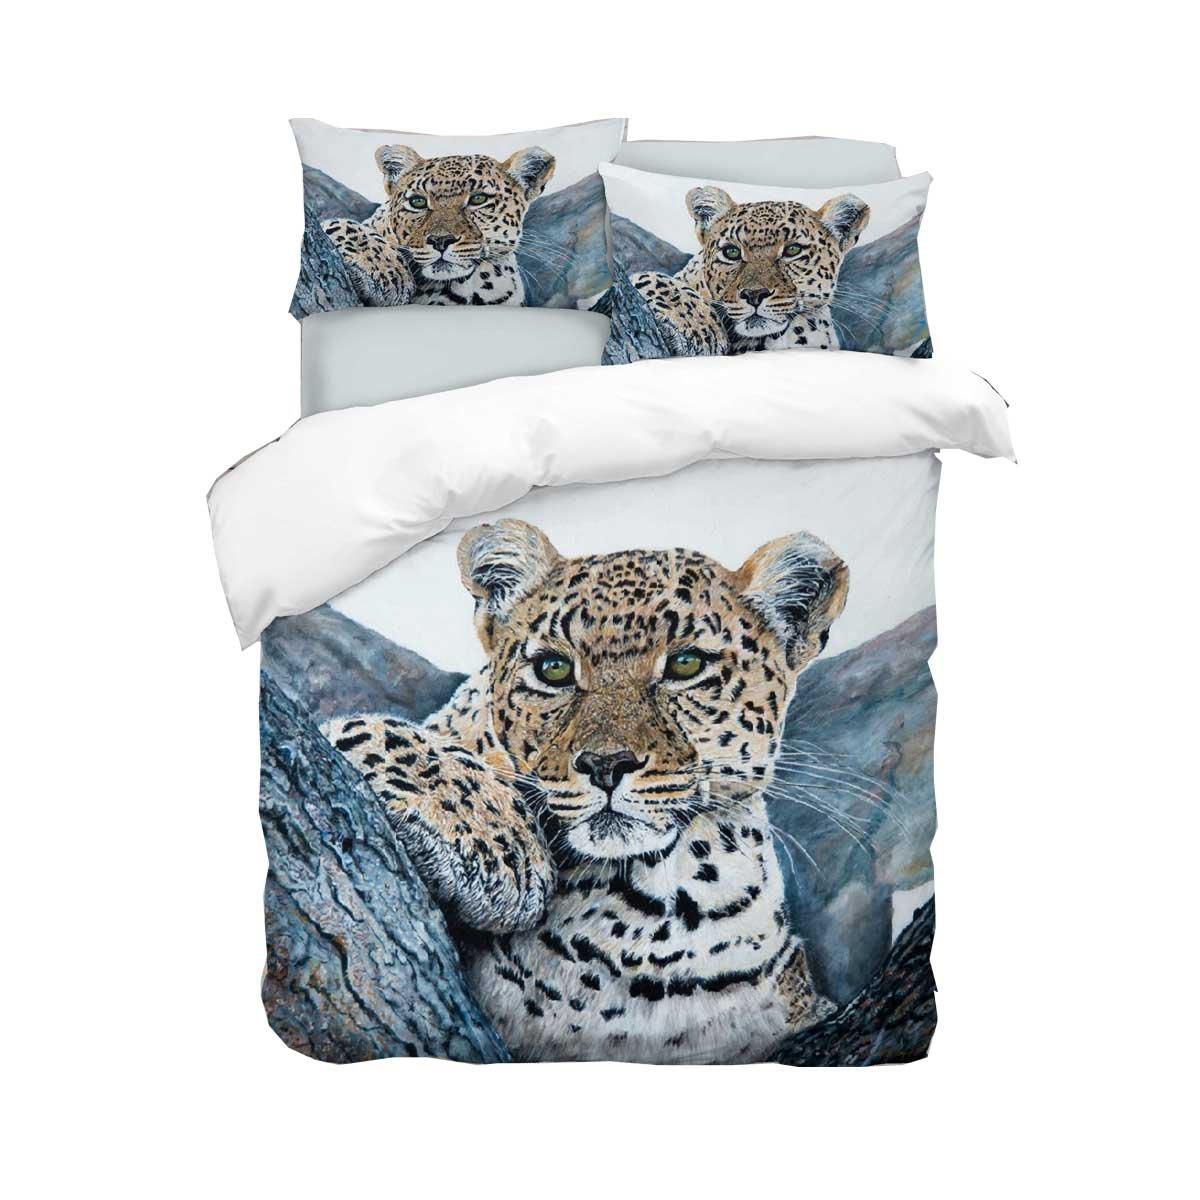 Adam Home 3D Digital Printing Bett Leinen Bettwäsche-Set Bettbezug + 1x Kissenbezug - Leopard (Alle Größen)